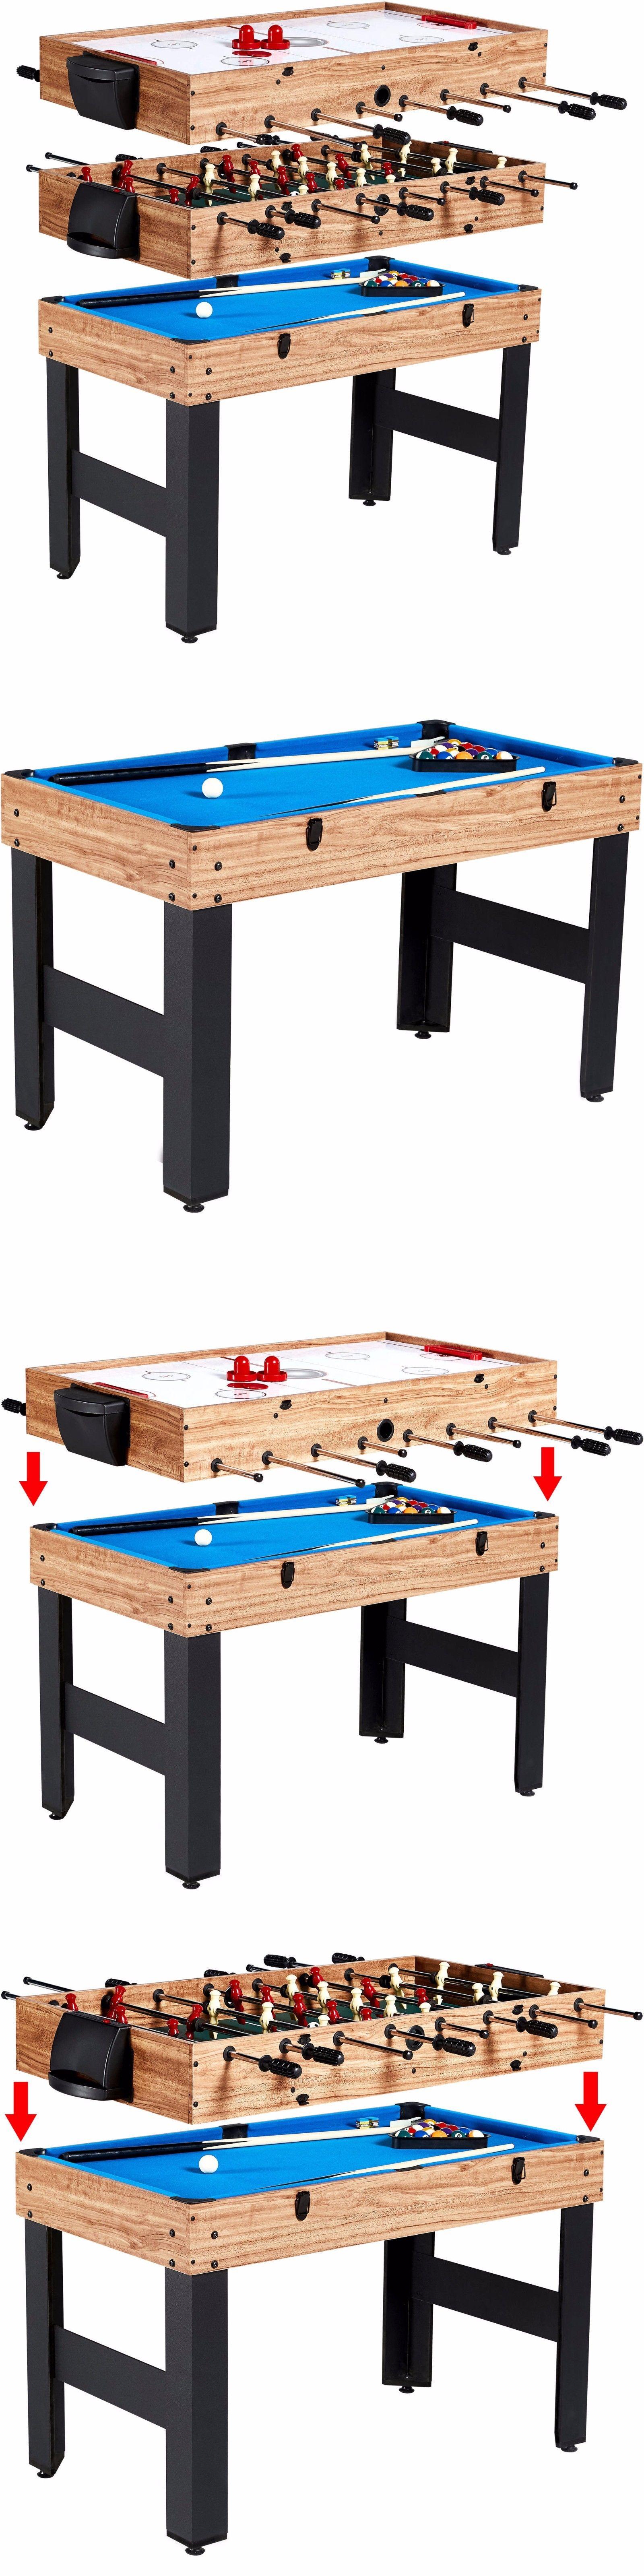 Foosball 36276: Game Table Foosball Pool Hockey 3 In 1 Multi Game Kids  Adults Billiards